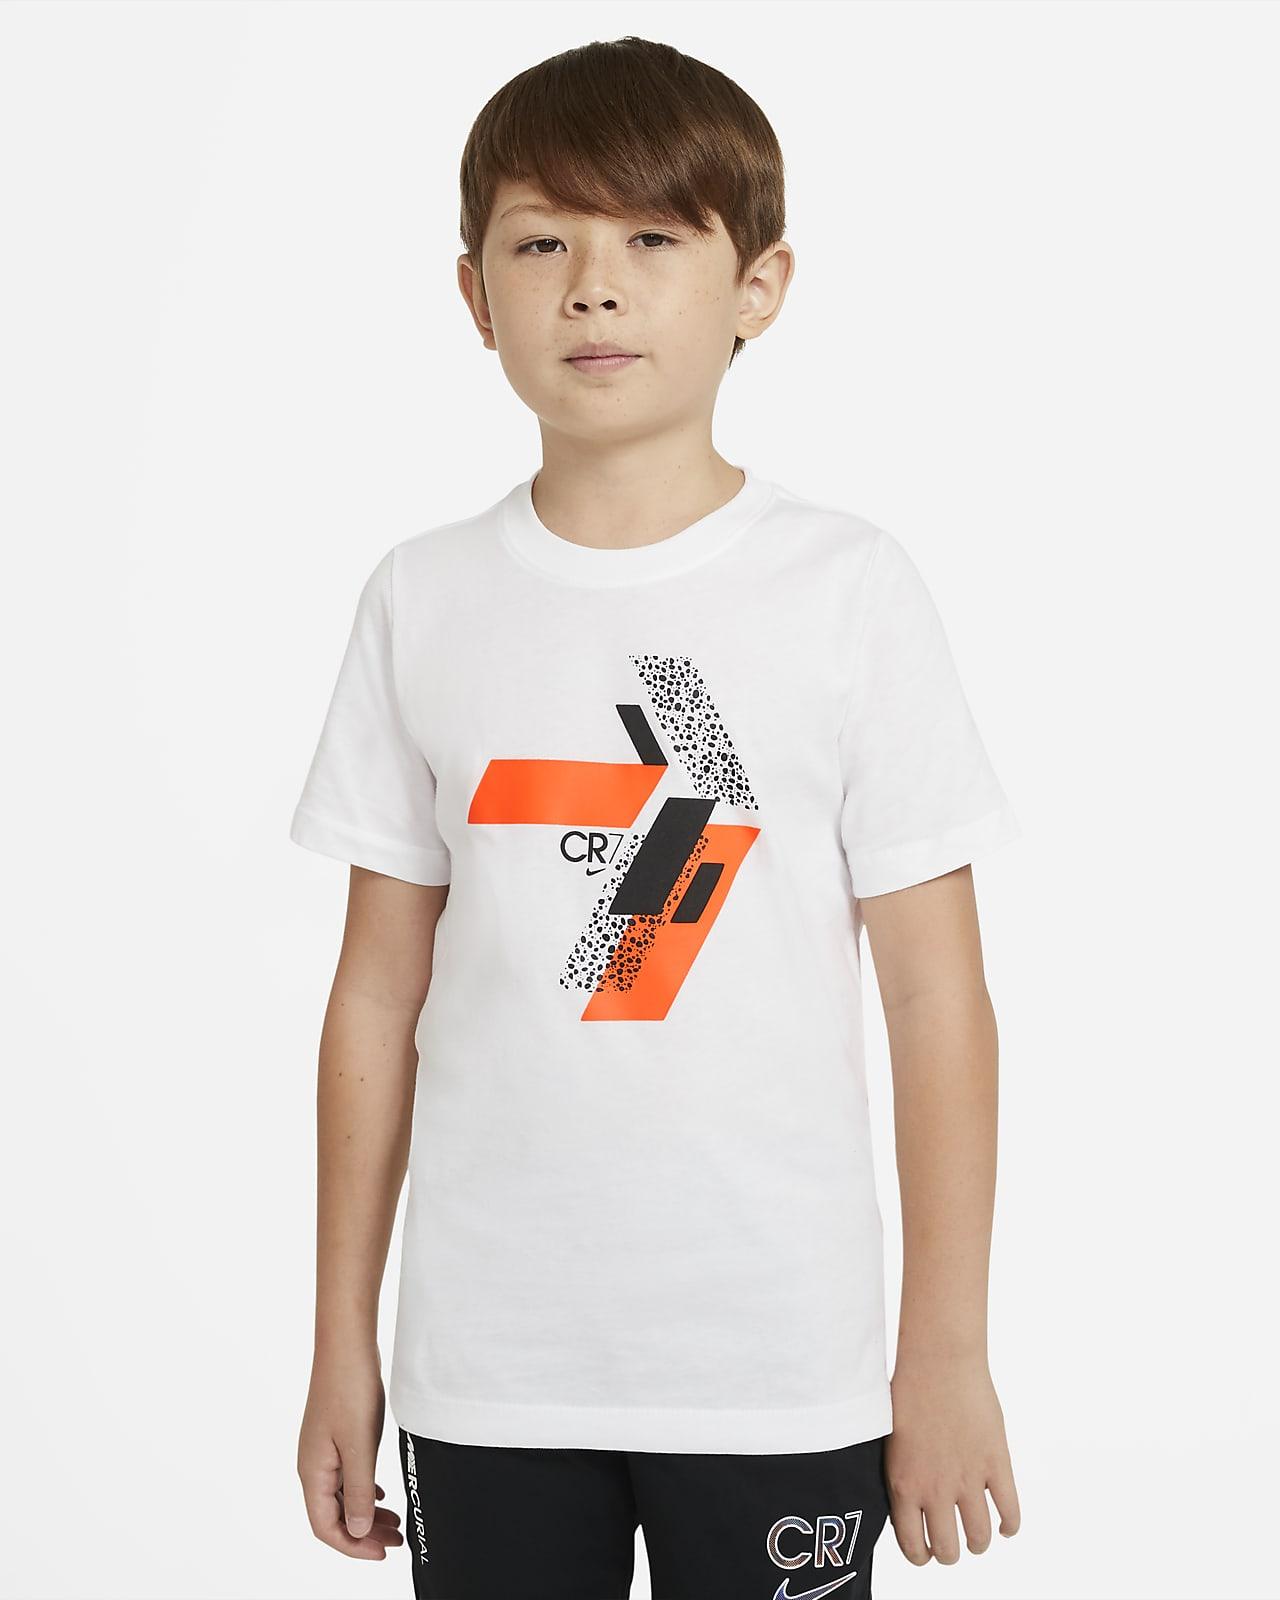 CR7 ジュニア サッカー Tシャツ